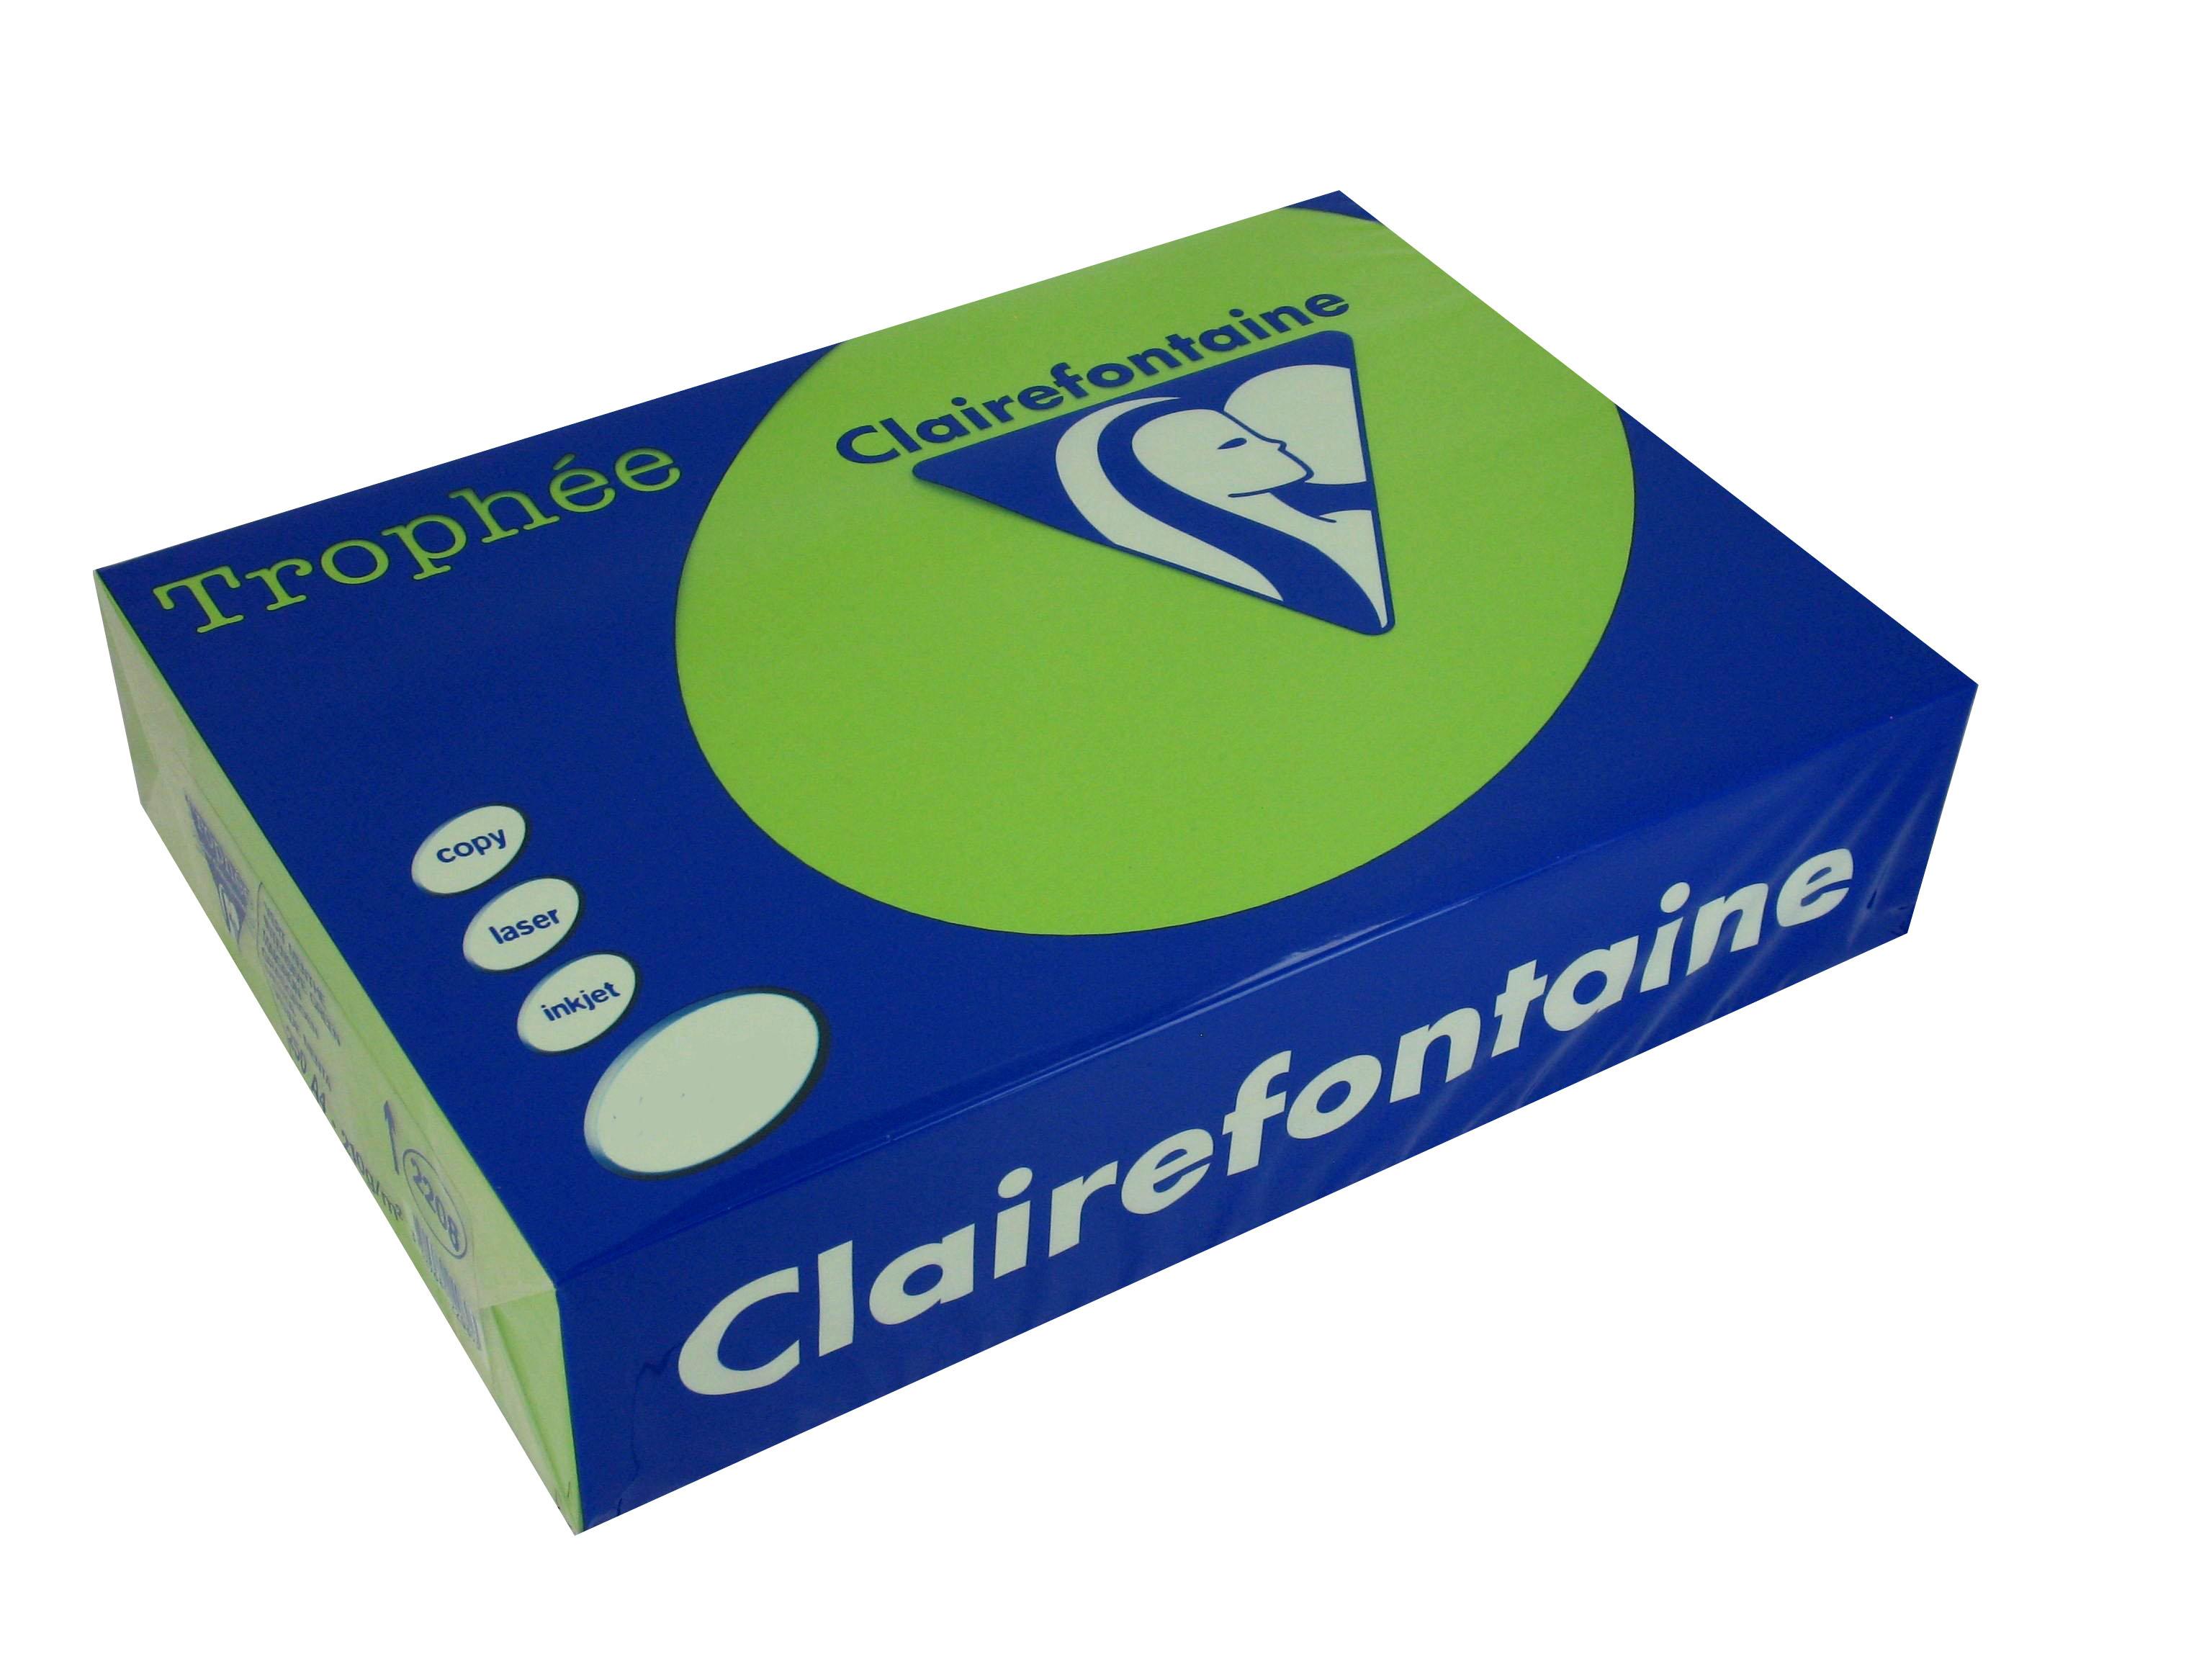 Clairefontaine Trophée maigrün 120g/m² DIN-A4 - 250 Blatt